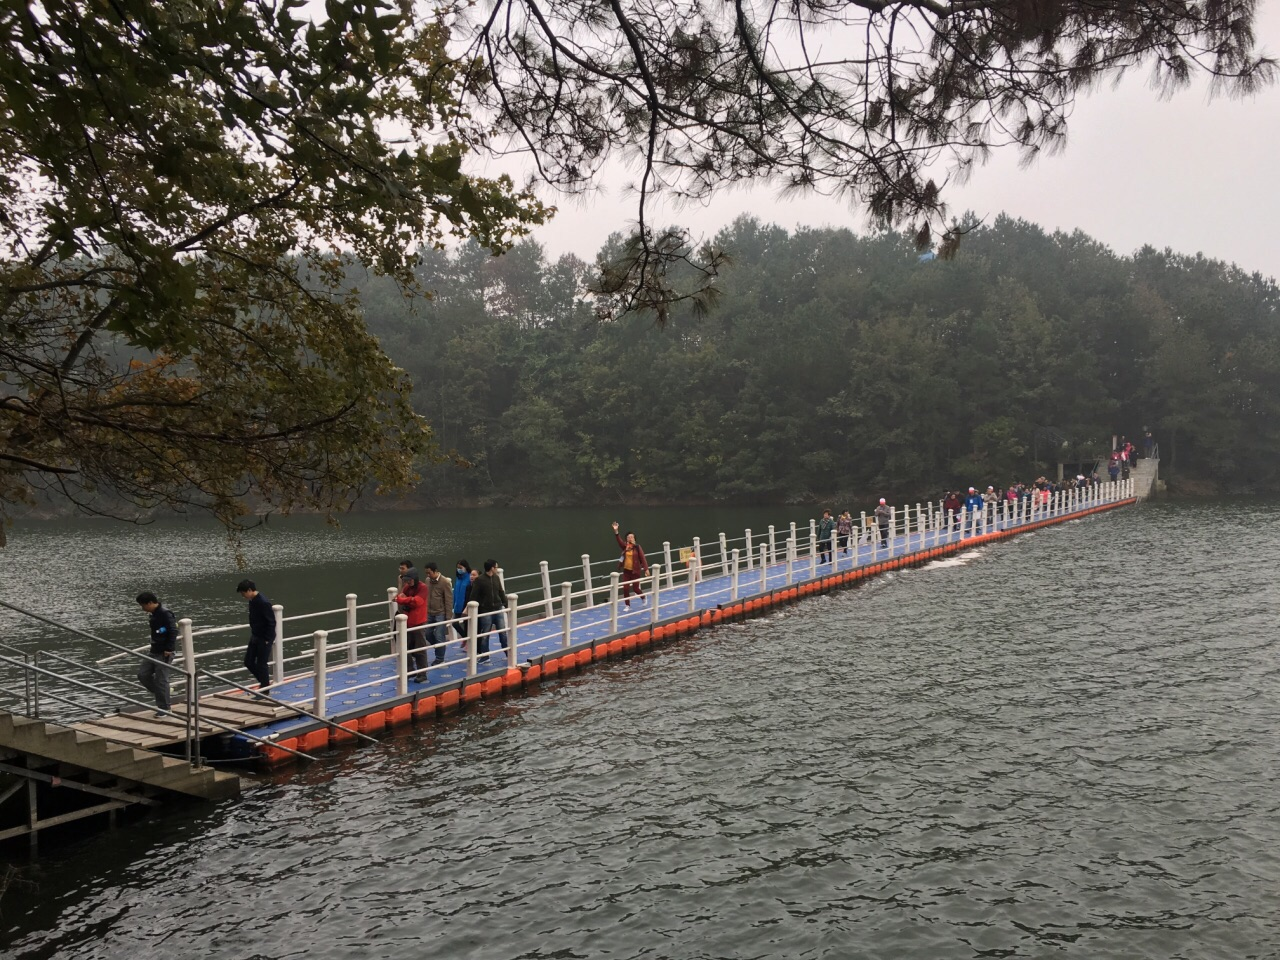 2018万佛湖风景区_旅游攻略_门票_地址_游记点评,舒城